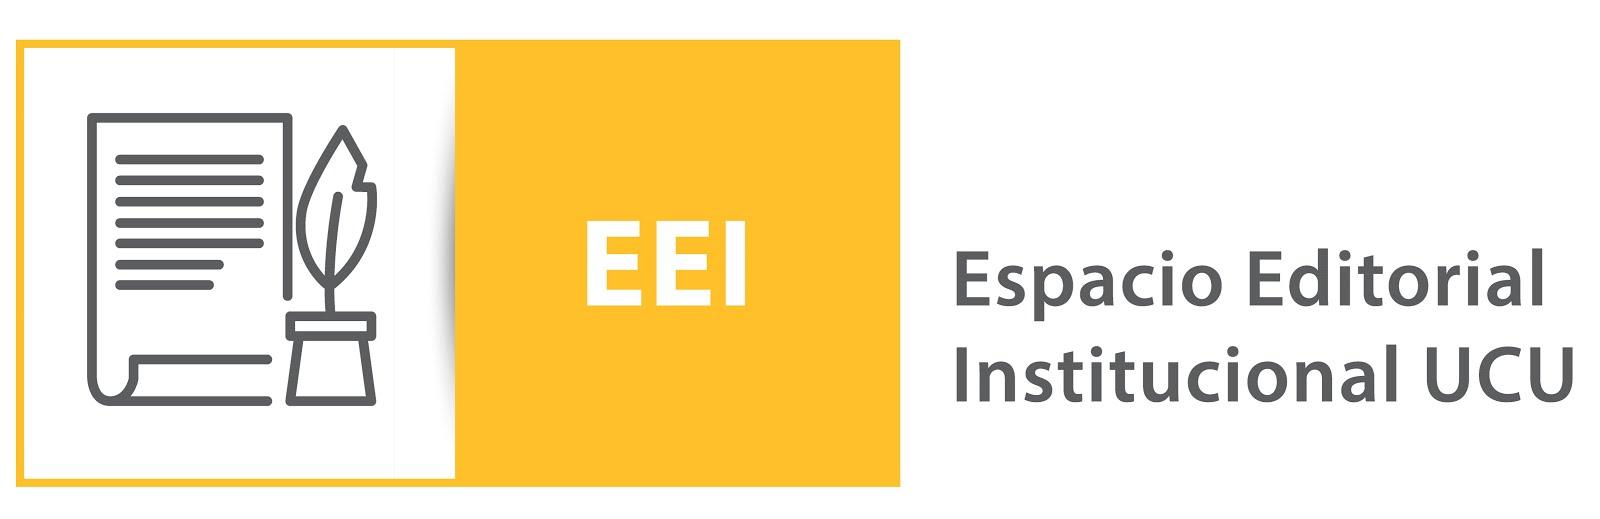 Espacio Editorial Institucional UCU